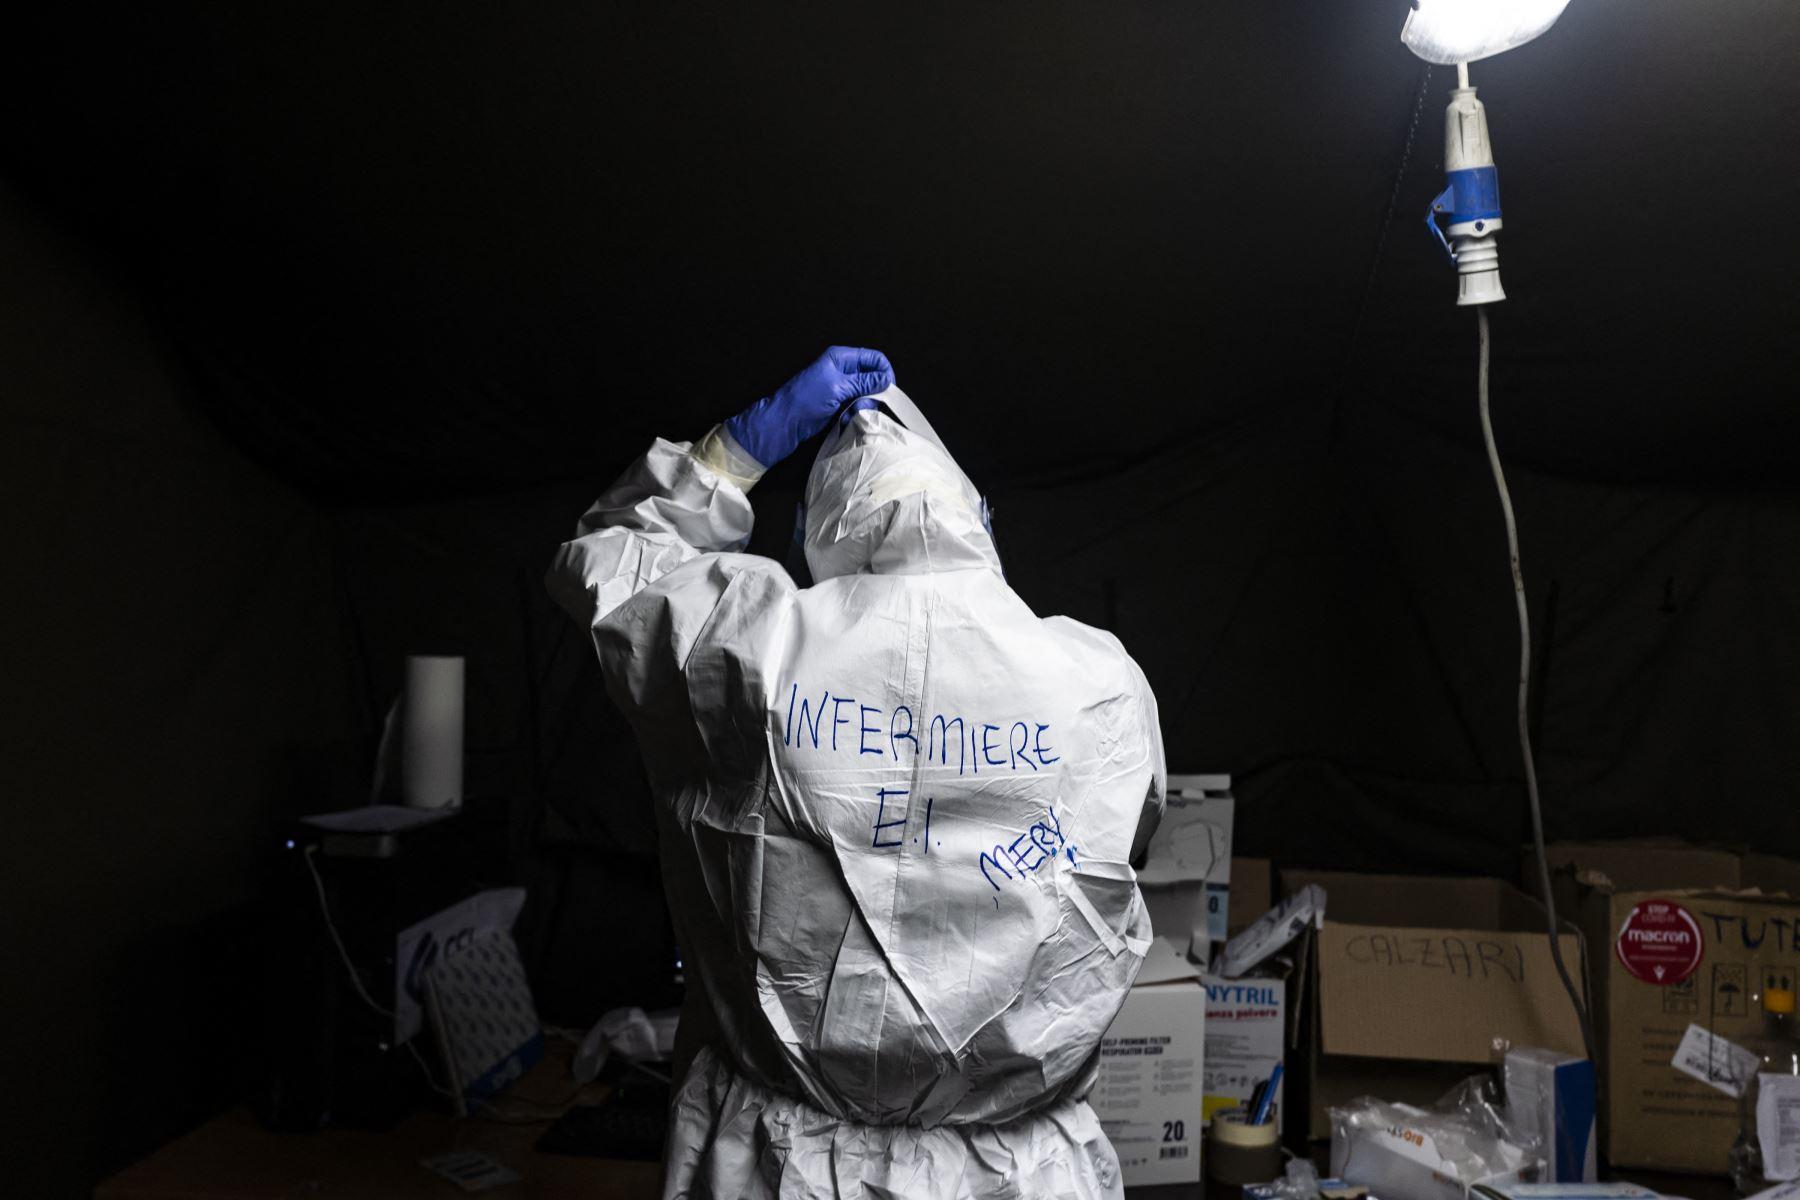 Una trabajadora médica ajusta su traje de protección en un centro de pruebas para COVID-19 instalado por el Ejército italiano en el estacionamiento del estadio de la Juventus en Turín. Italia ha sido uno de los países más afectados por la pandemia Covid-19, con más de 75.000 muertes hasta ahora. Foto: AFP